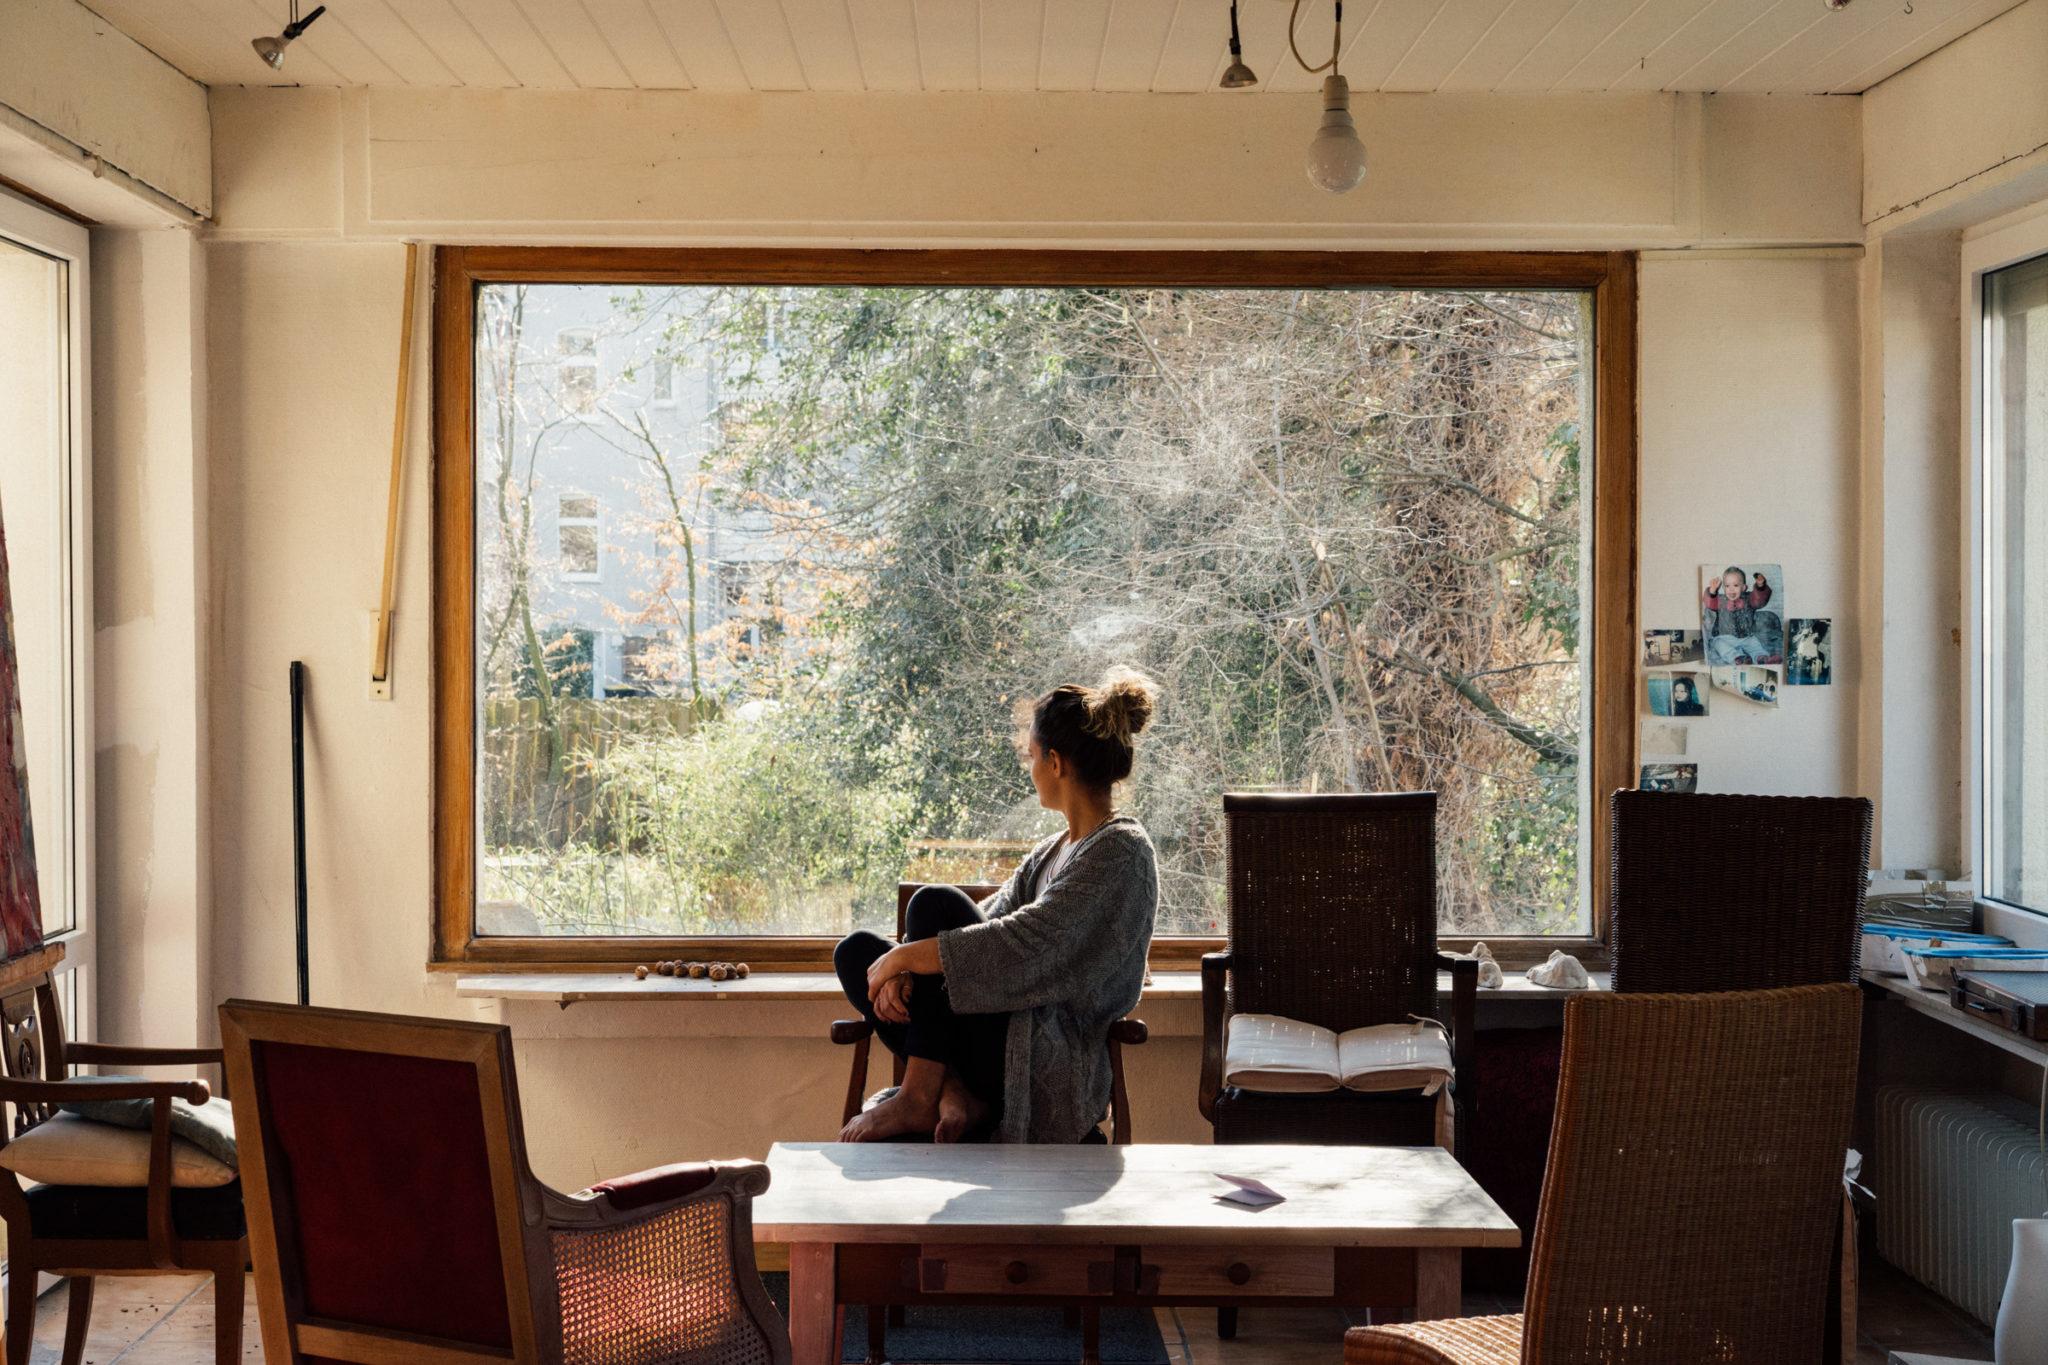 Maika Küster im Atelier von Karina Hubrich (c) Rebecca ter Braak